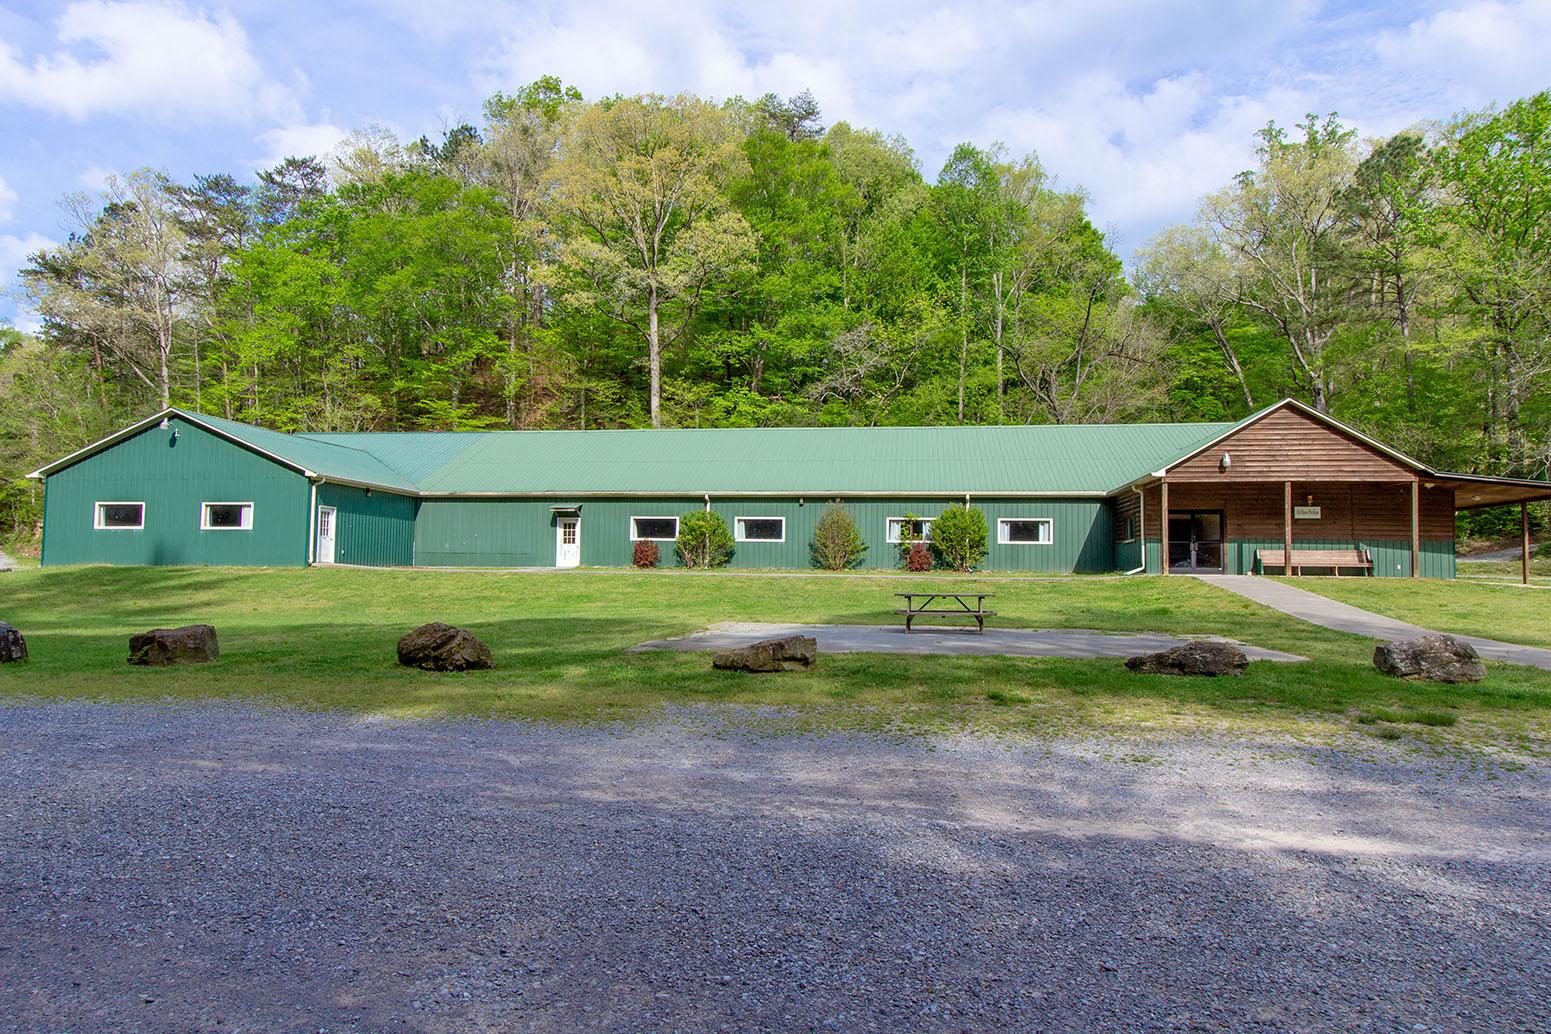 Old Barn Exterior-2.jpg